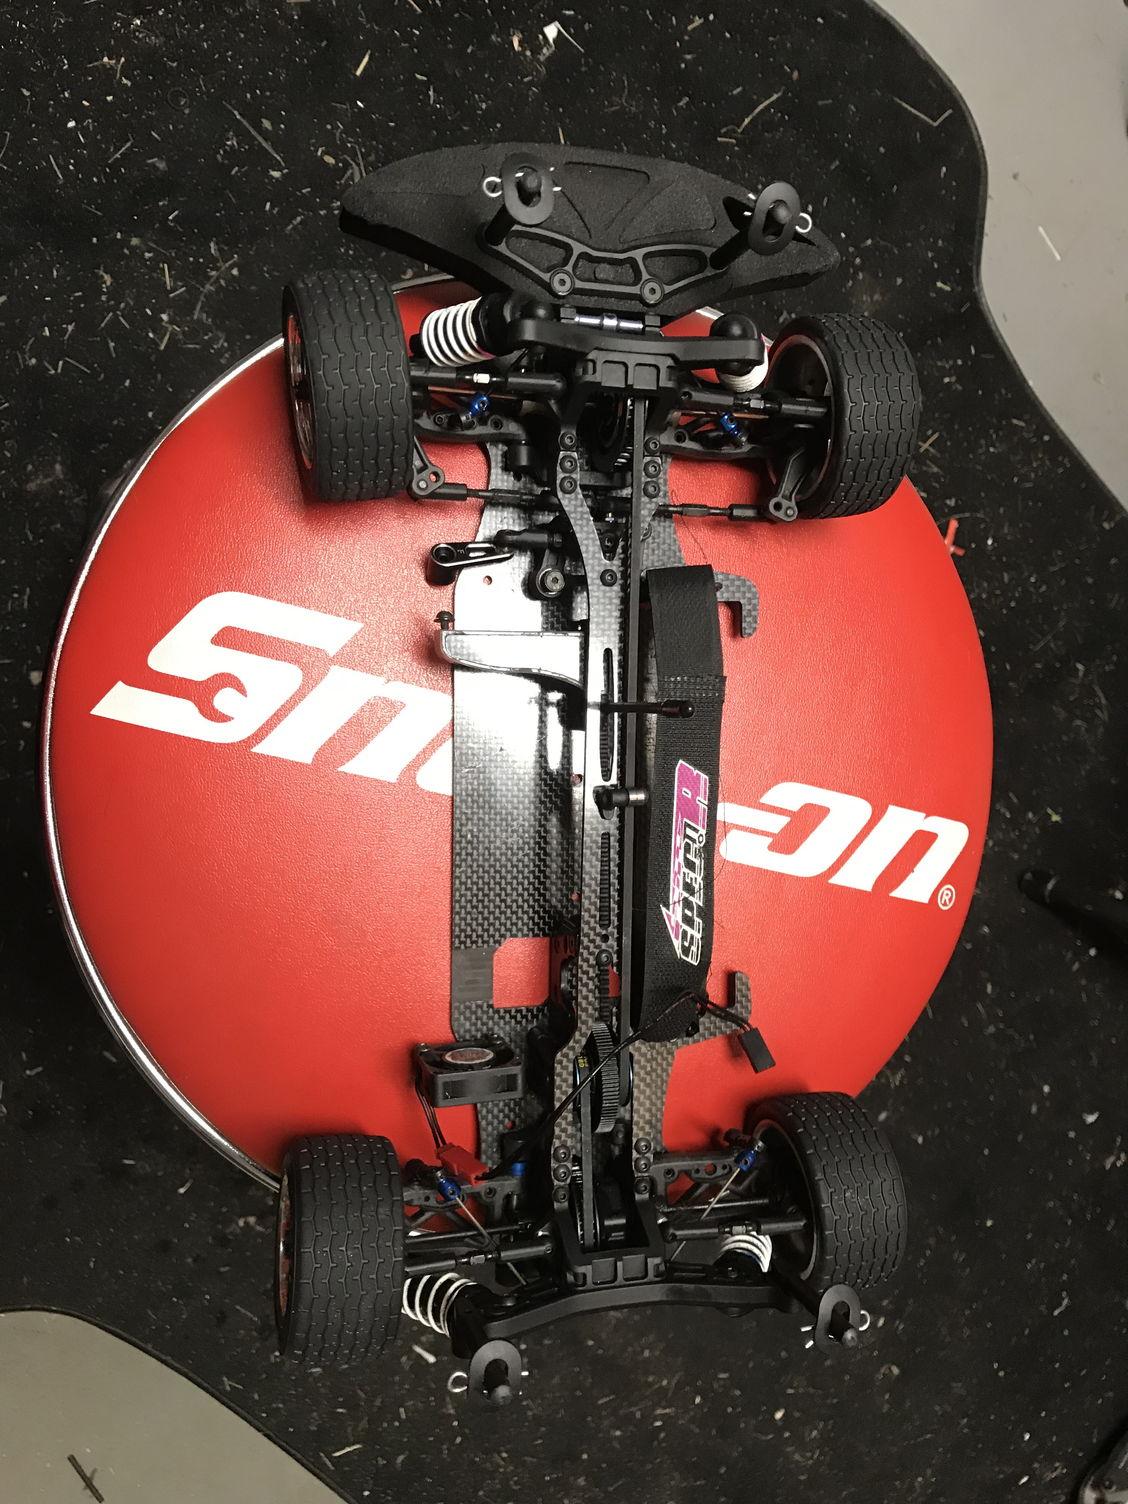 Rc Blowout Motors Cars Batteries Parts R C Tech